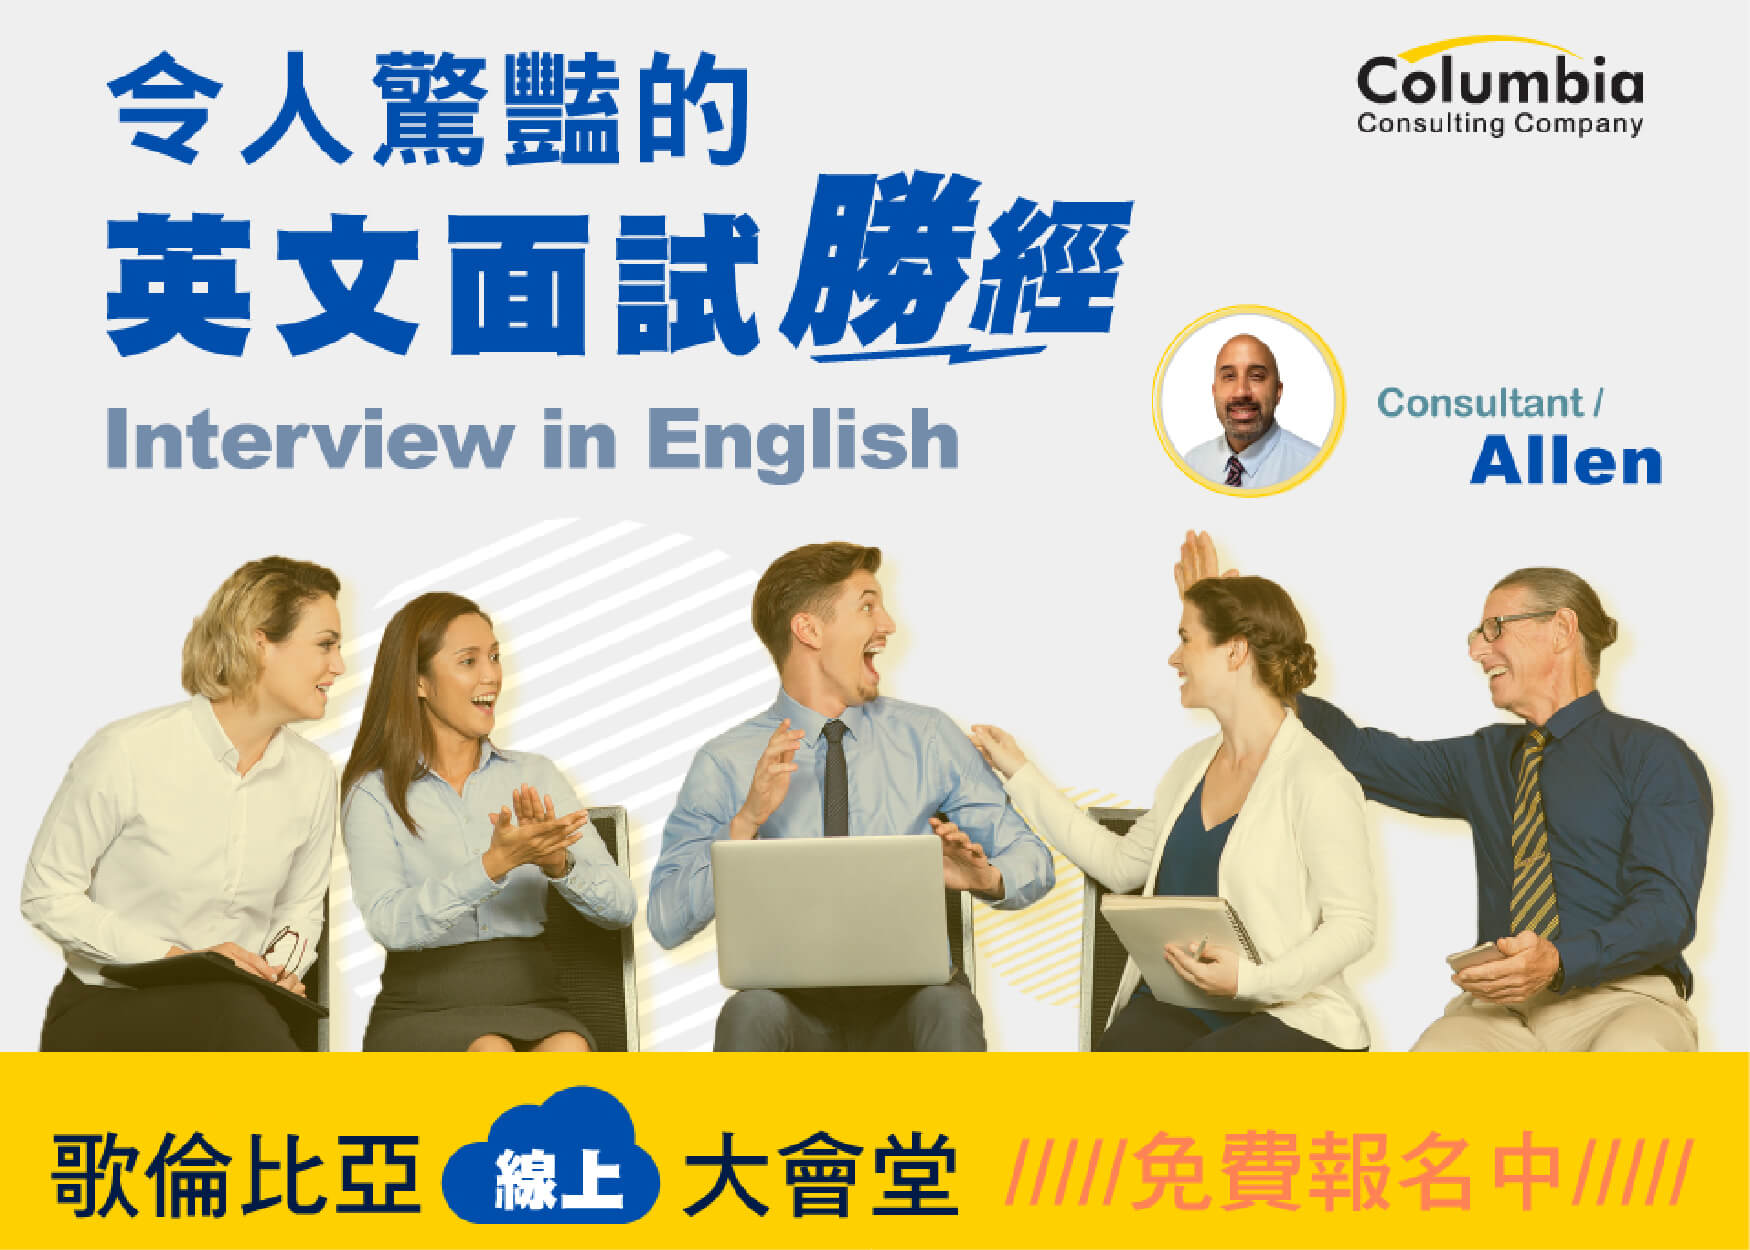 免費線上英文面試課程